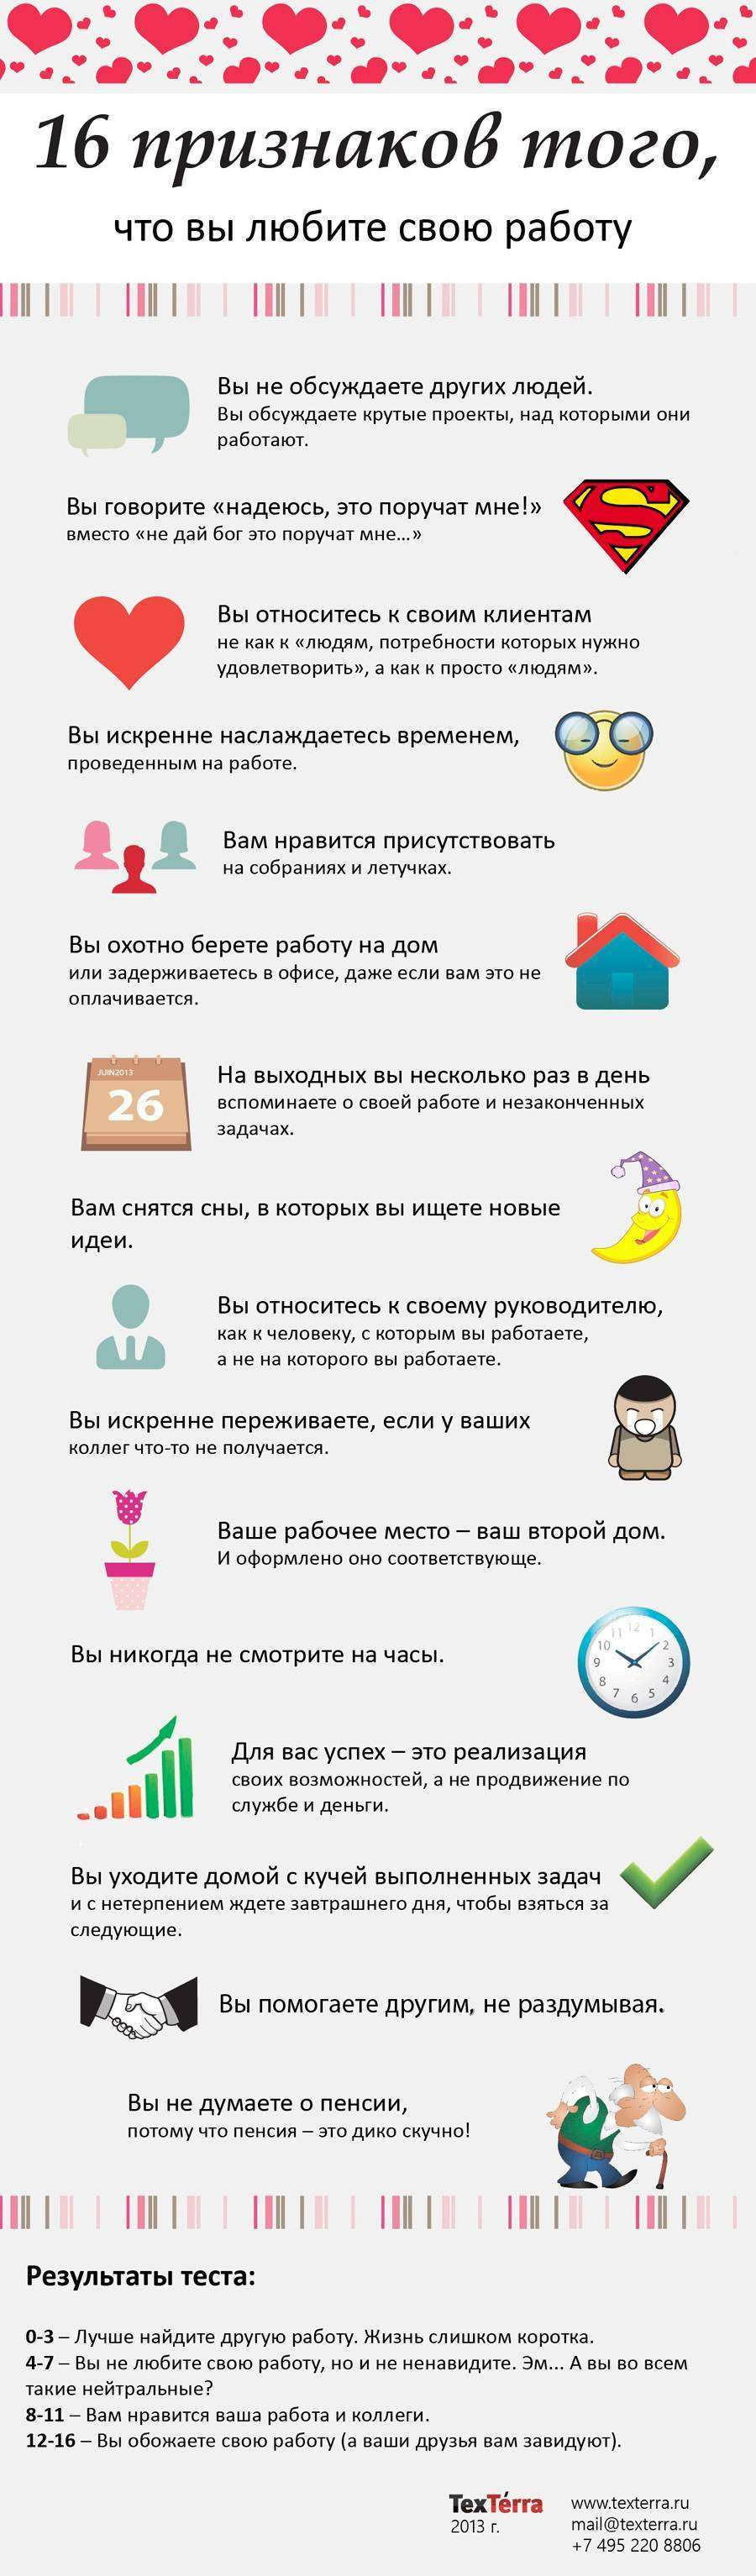 16 ознак того, що ви любите свою роботу